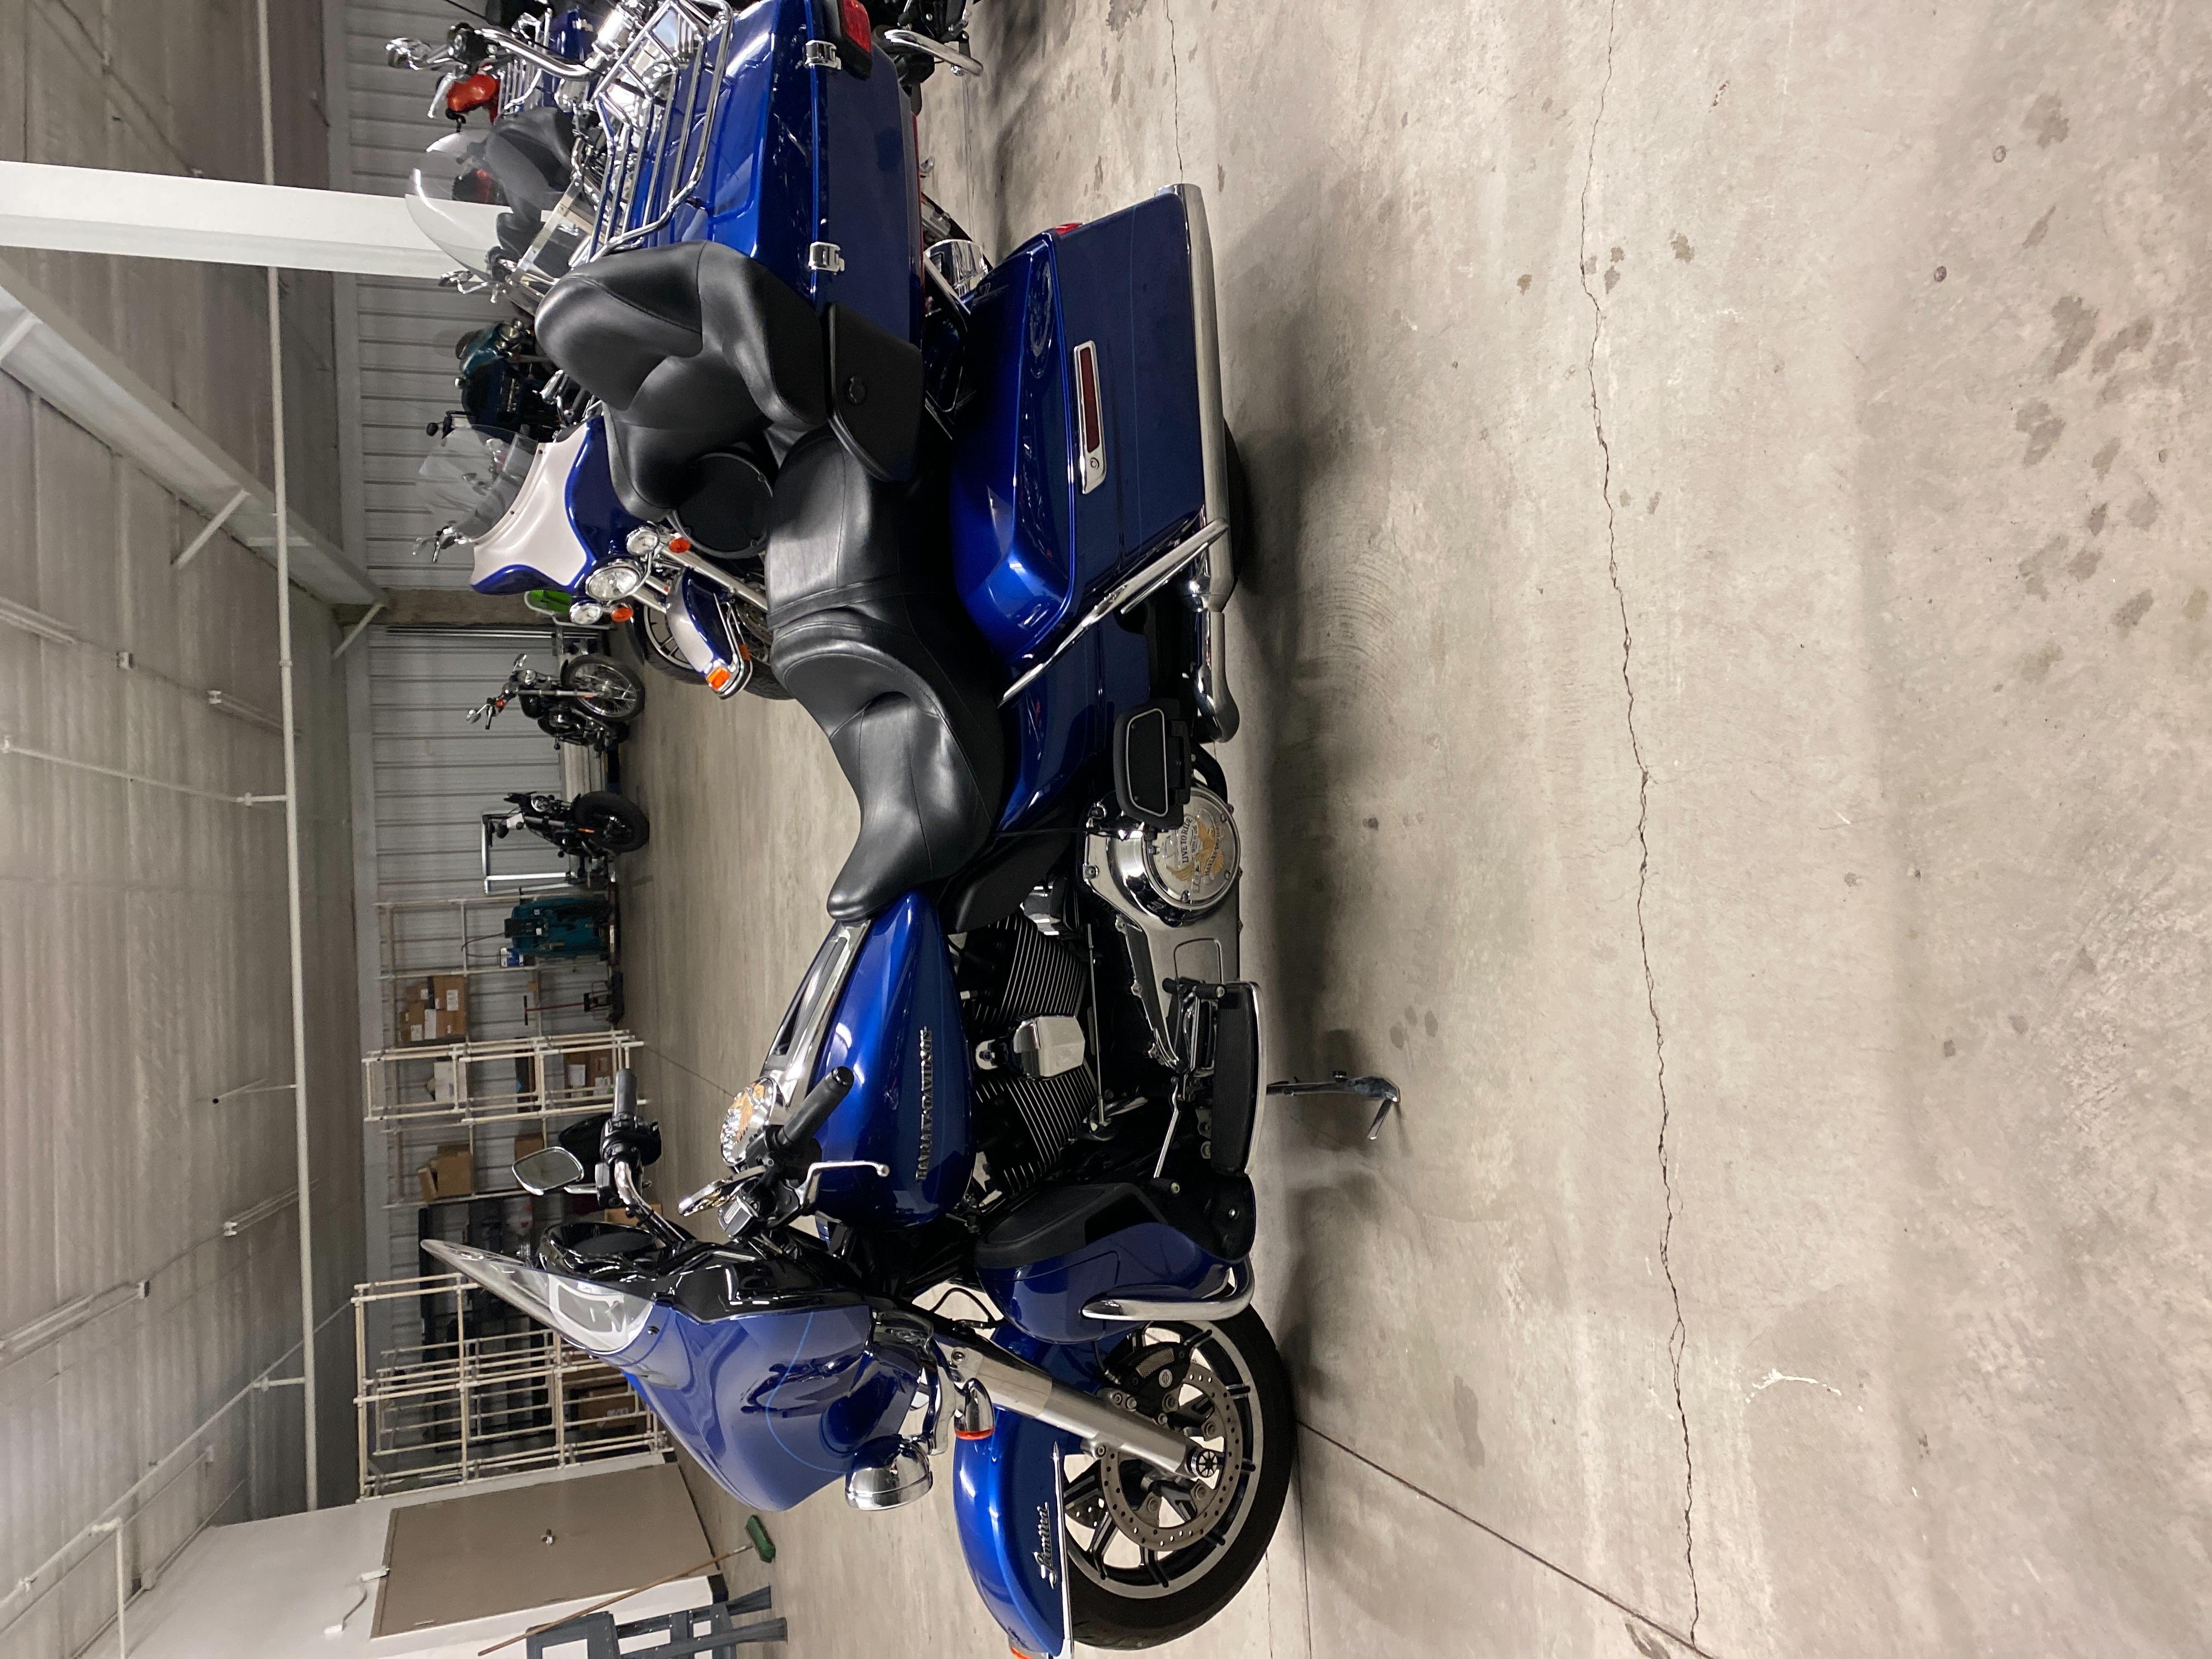 2015 Harley-Davidson Electra Glide Ultra Limited at Outpost Harley-Davidson